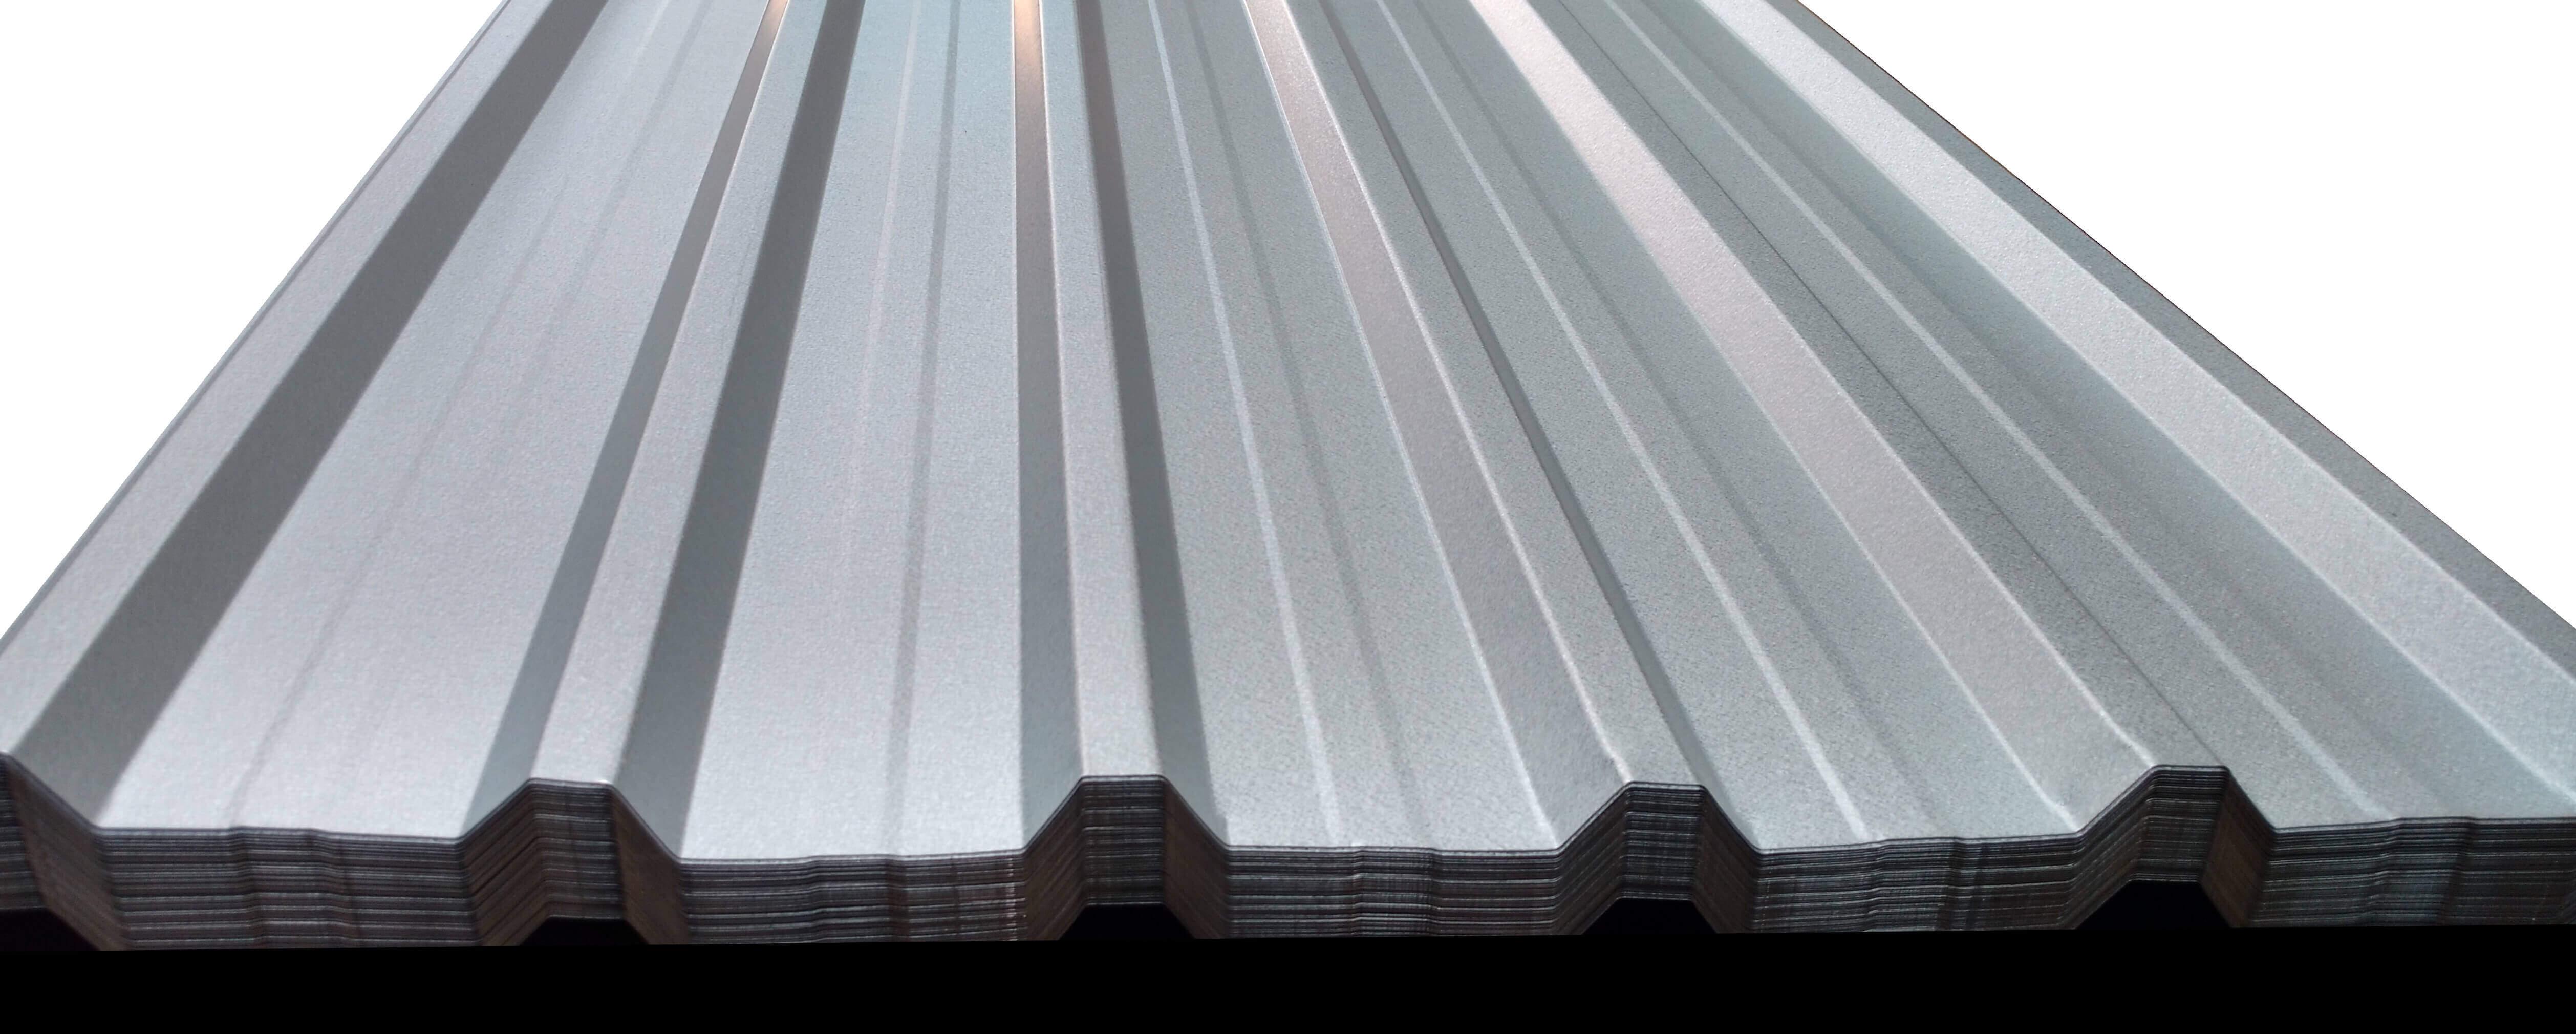 Telhas de Alumínio: Preços, onde encontrar